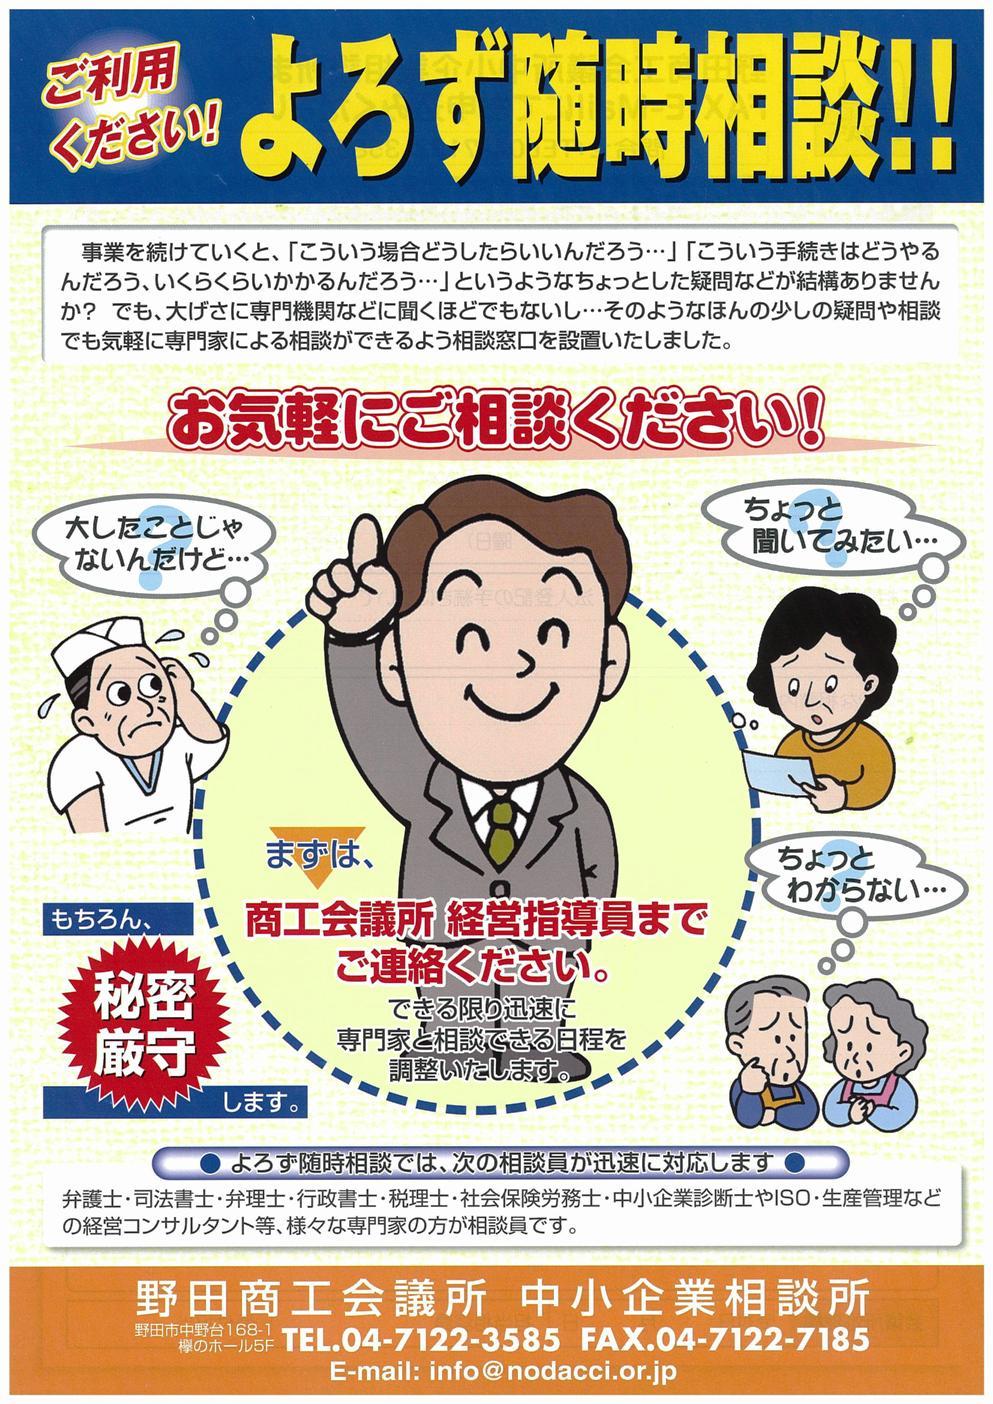 yorozu-soudan.jpg